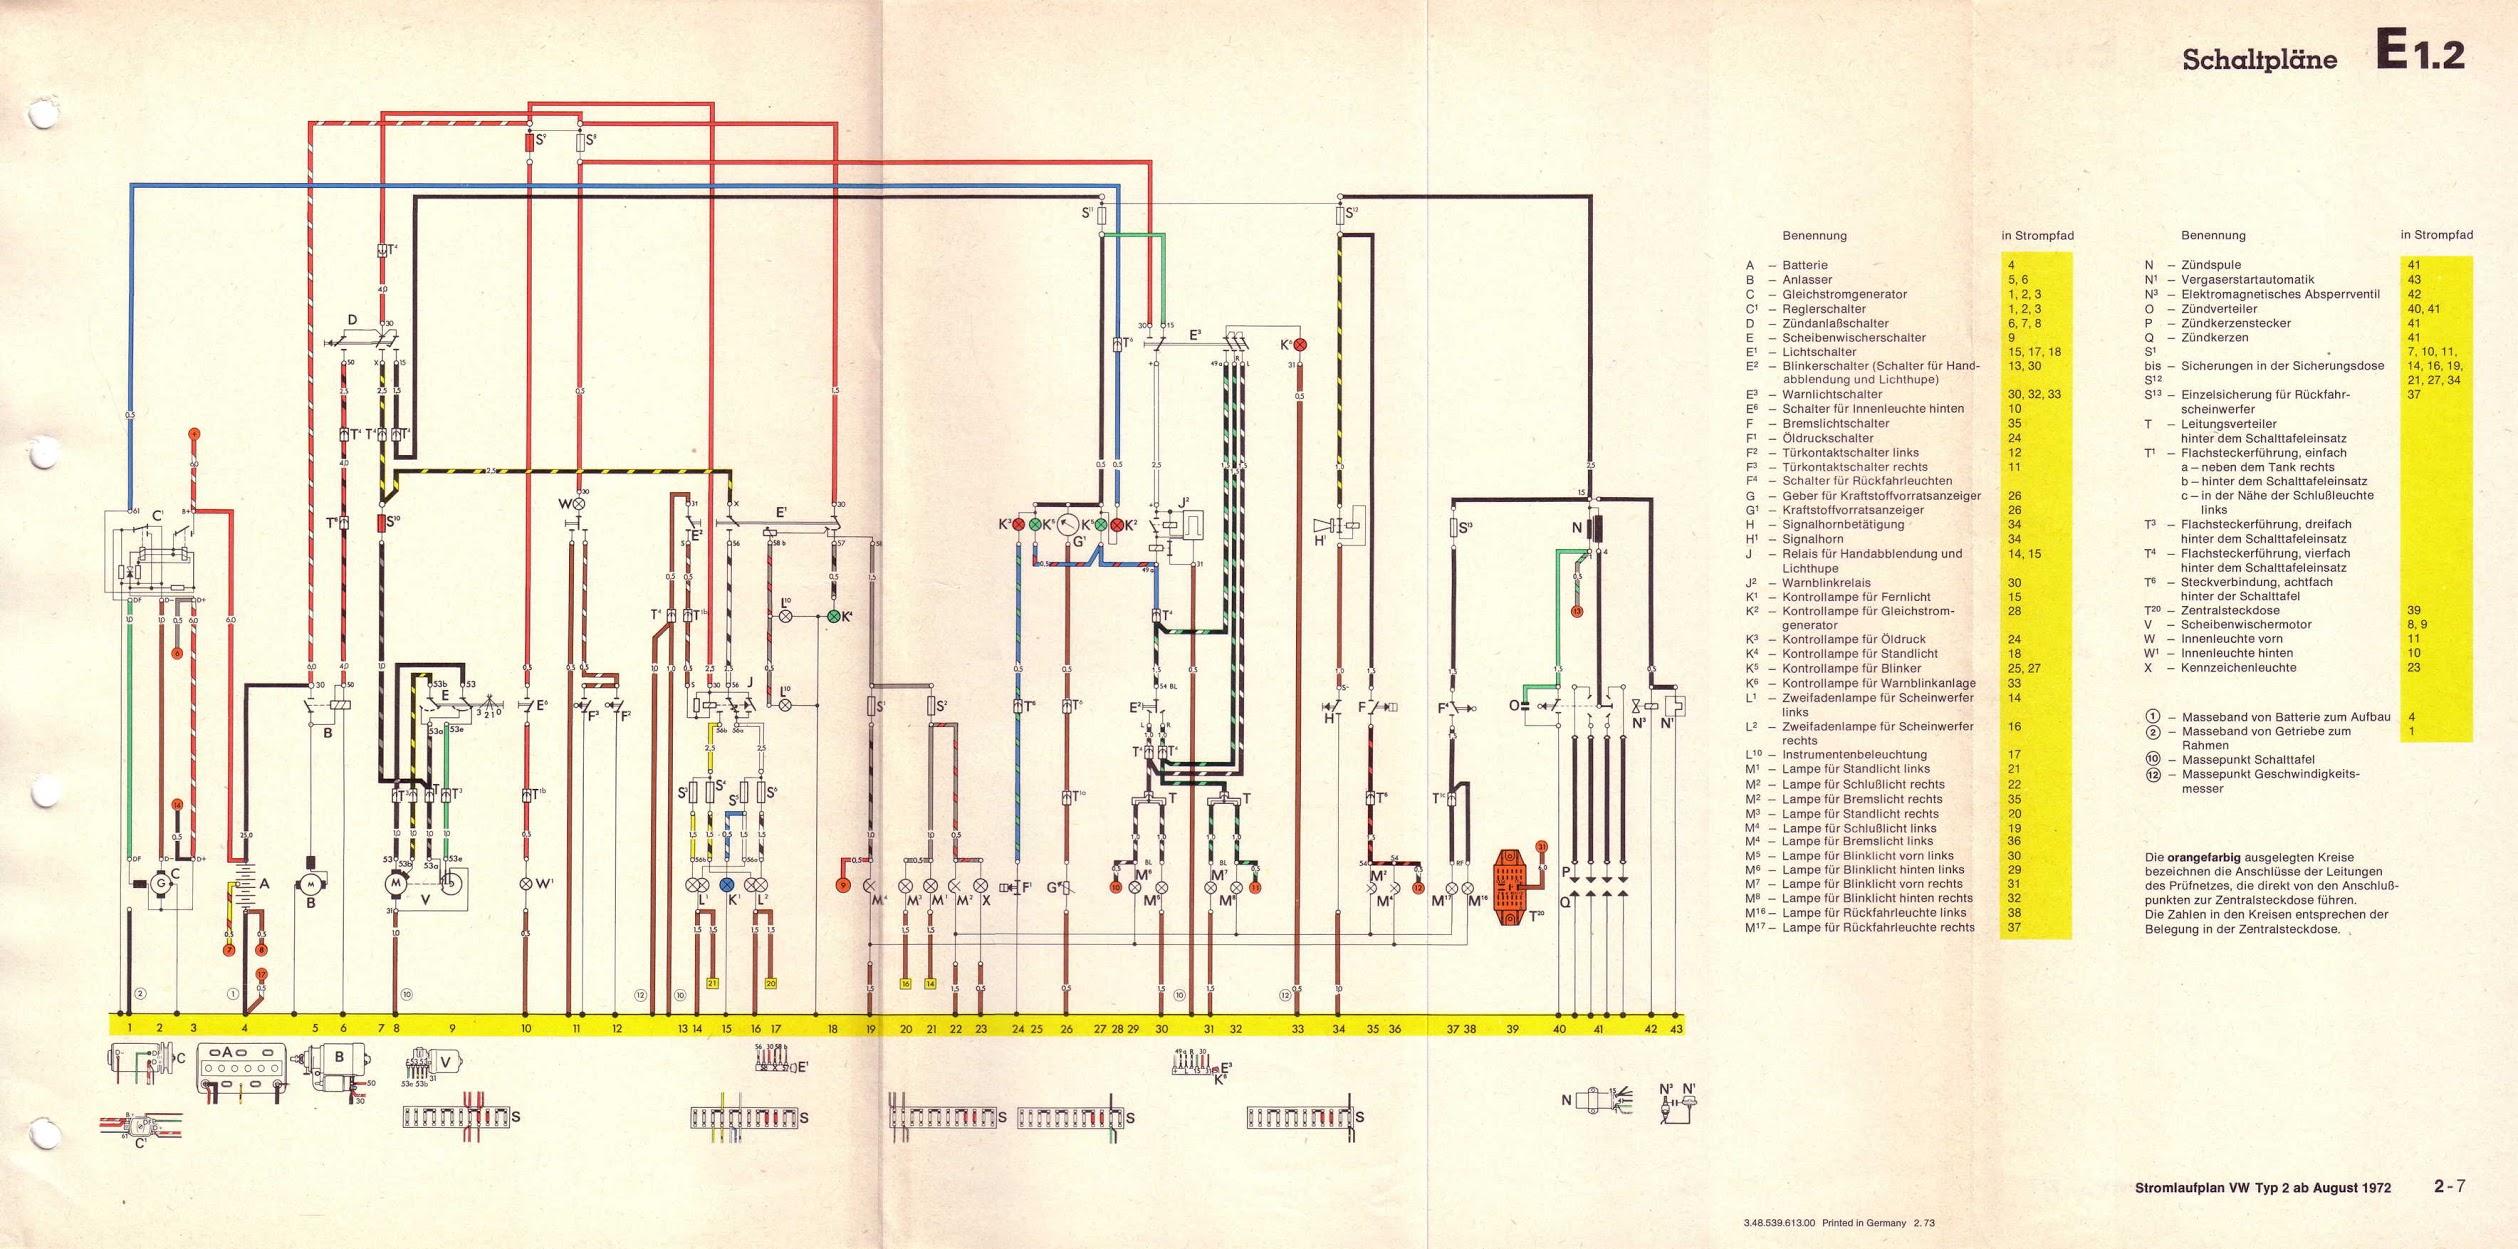 vw 1600 wiring diagram 3 phase immersion heater schemi elettrici